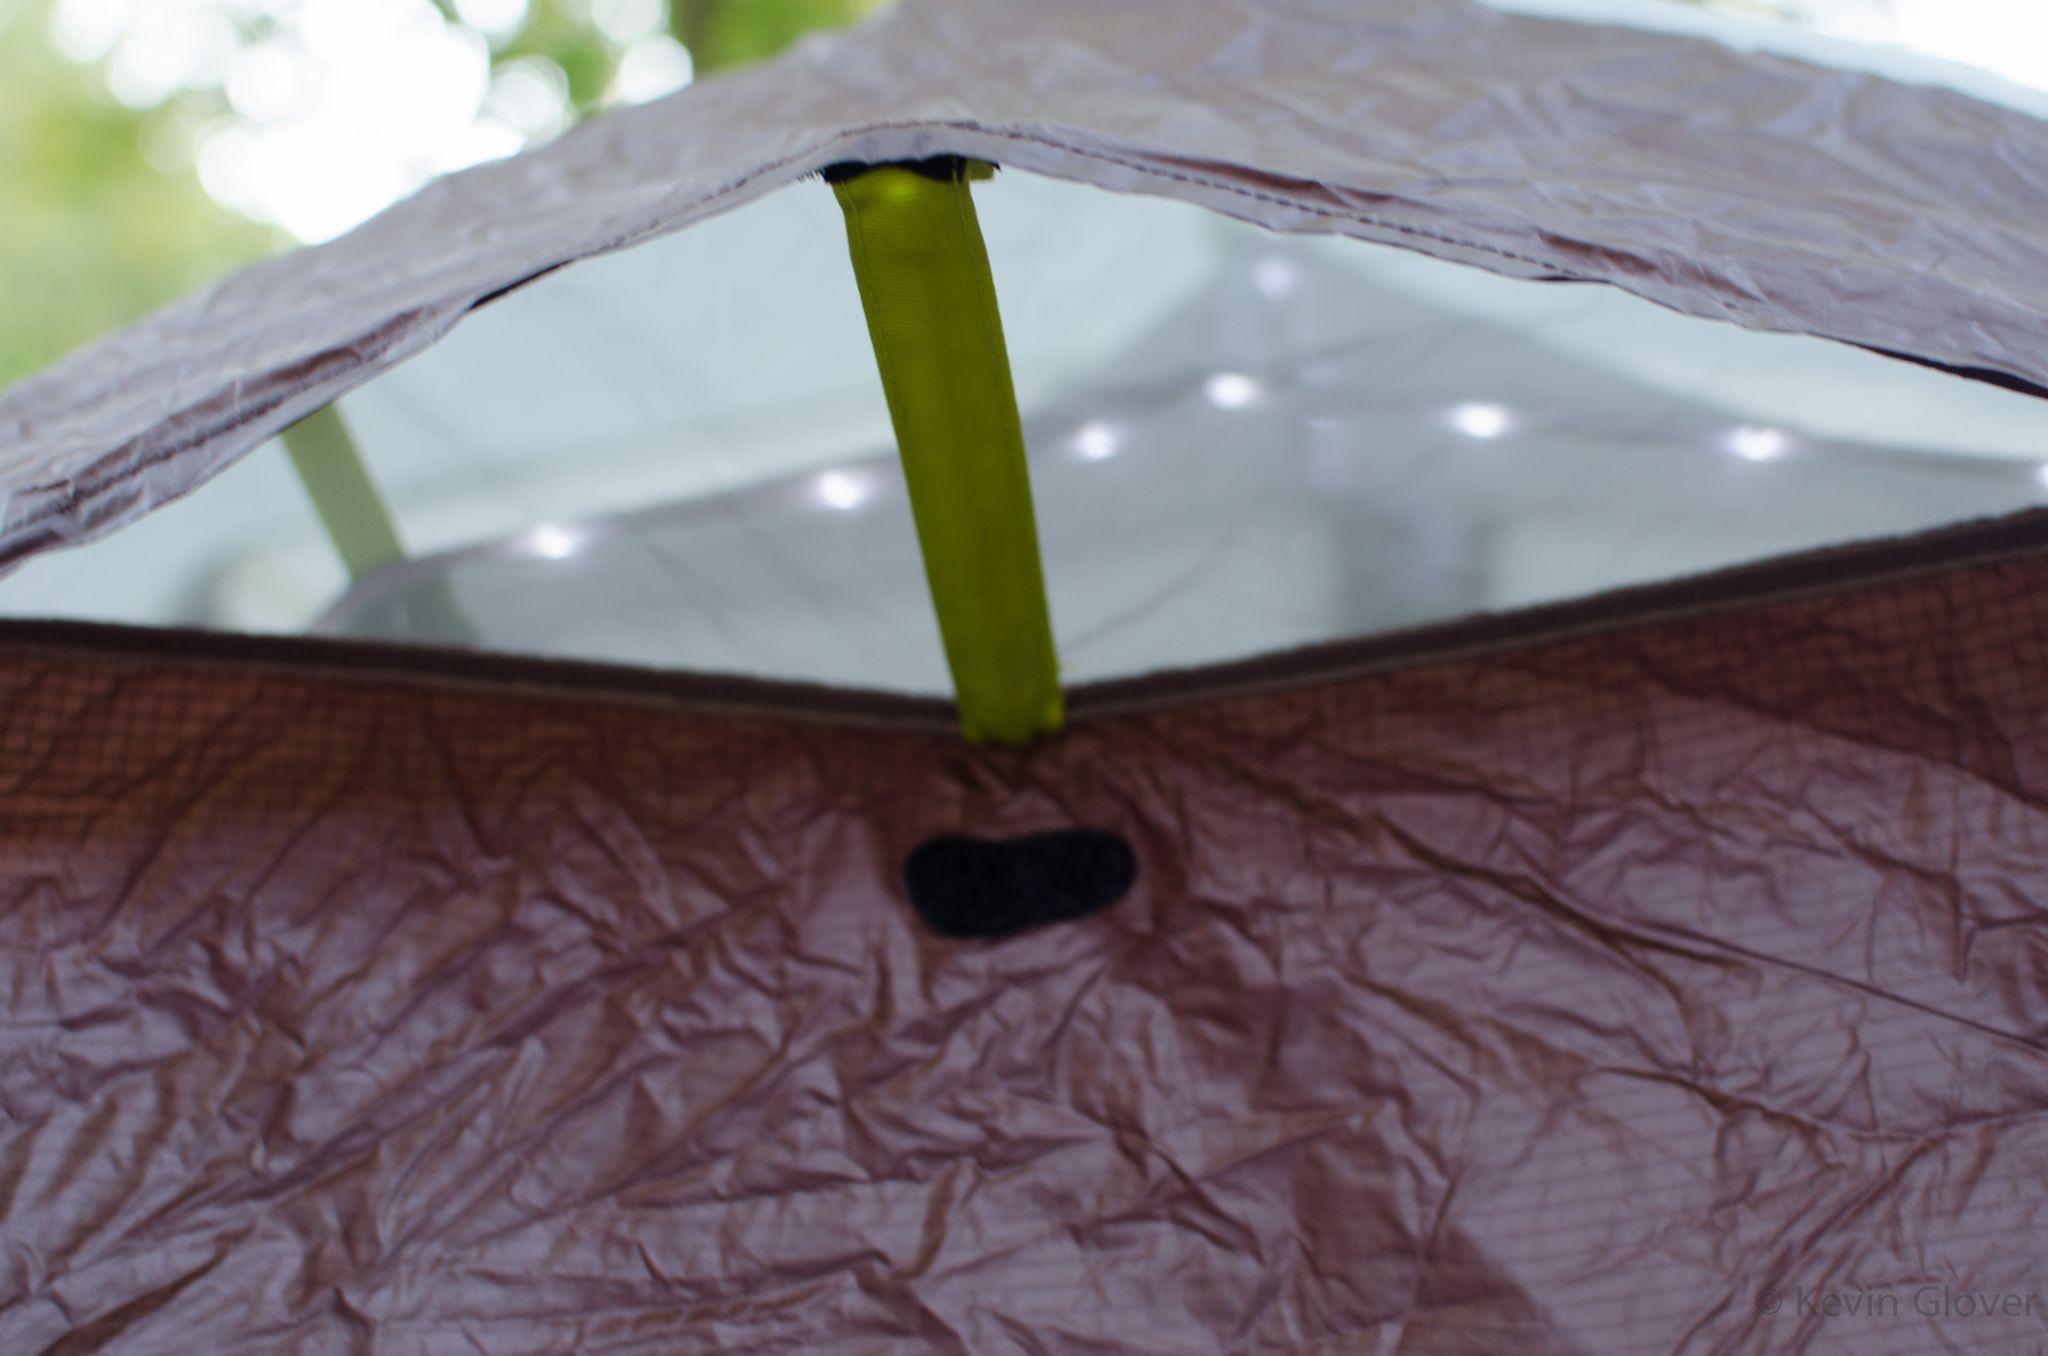 Big Agnes Rattlesnake SL2 mtnGLO Tent Review & Big Agnes Rattlesnake SL2 mtnGLO Tent Review - FeedTheHabit.com